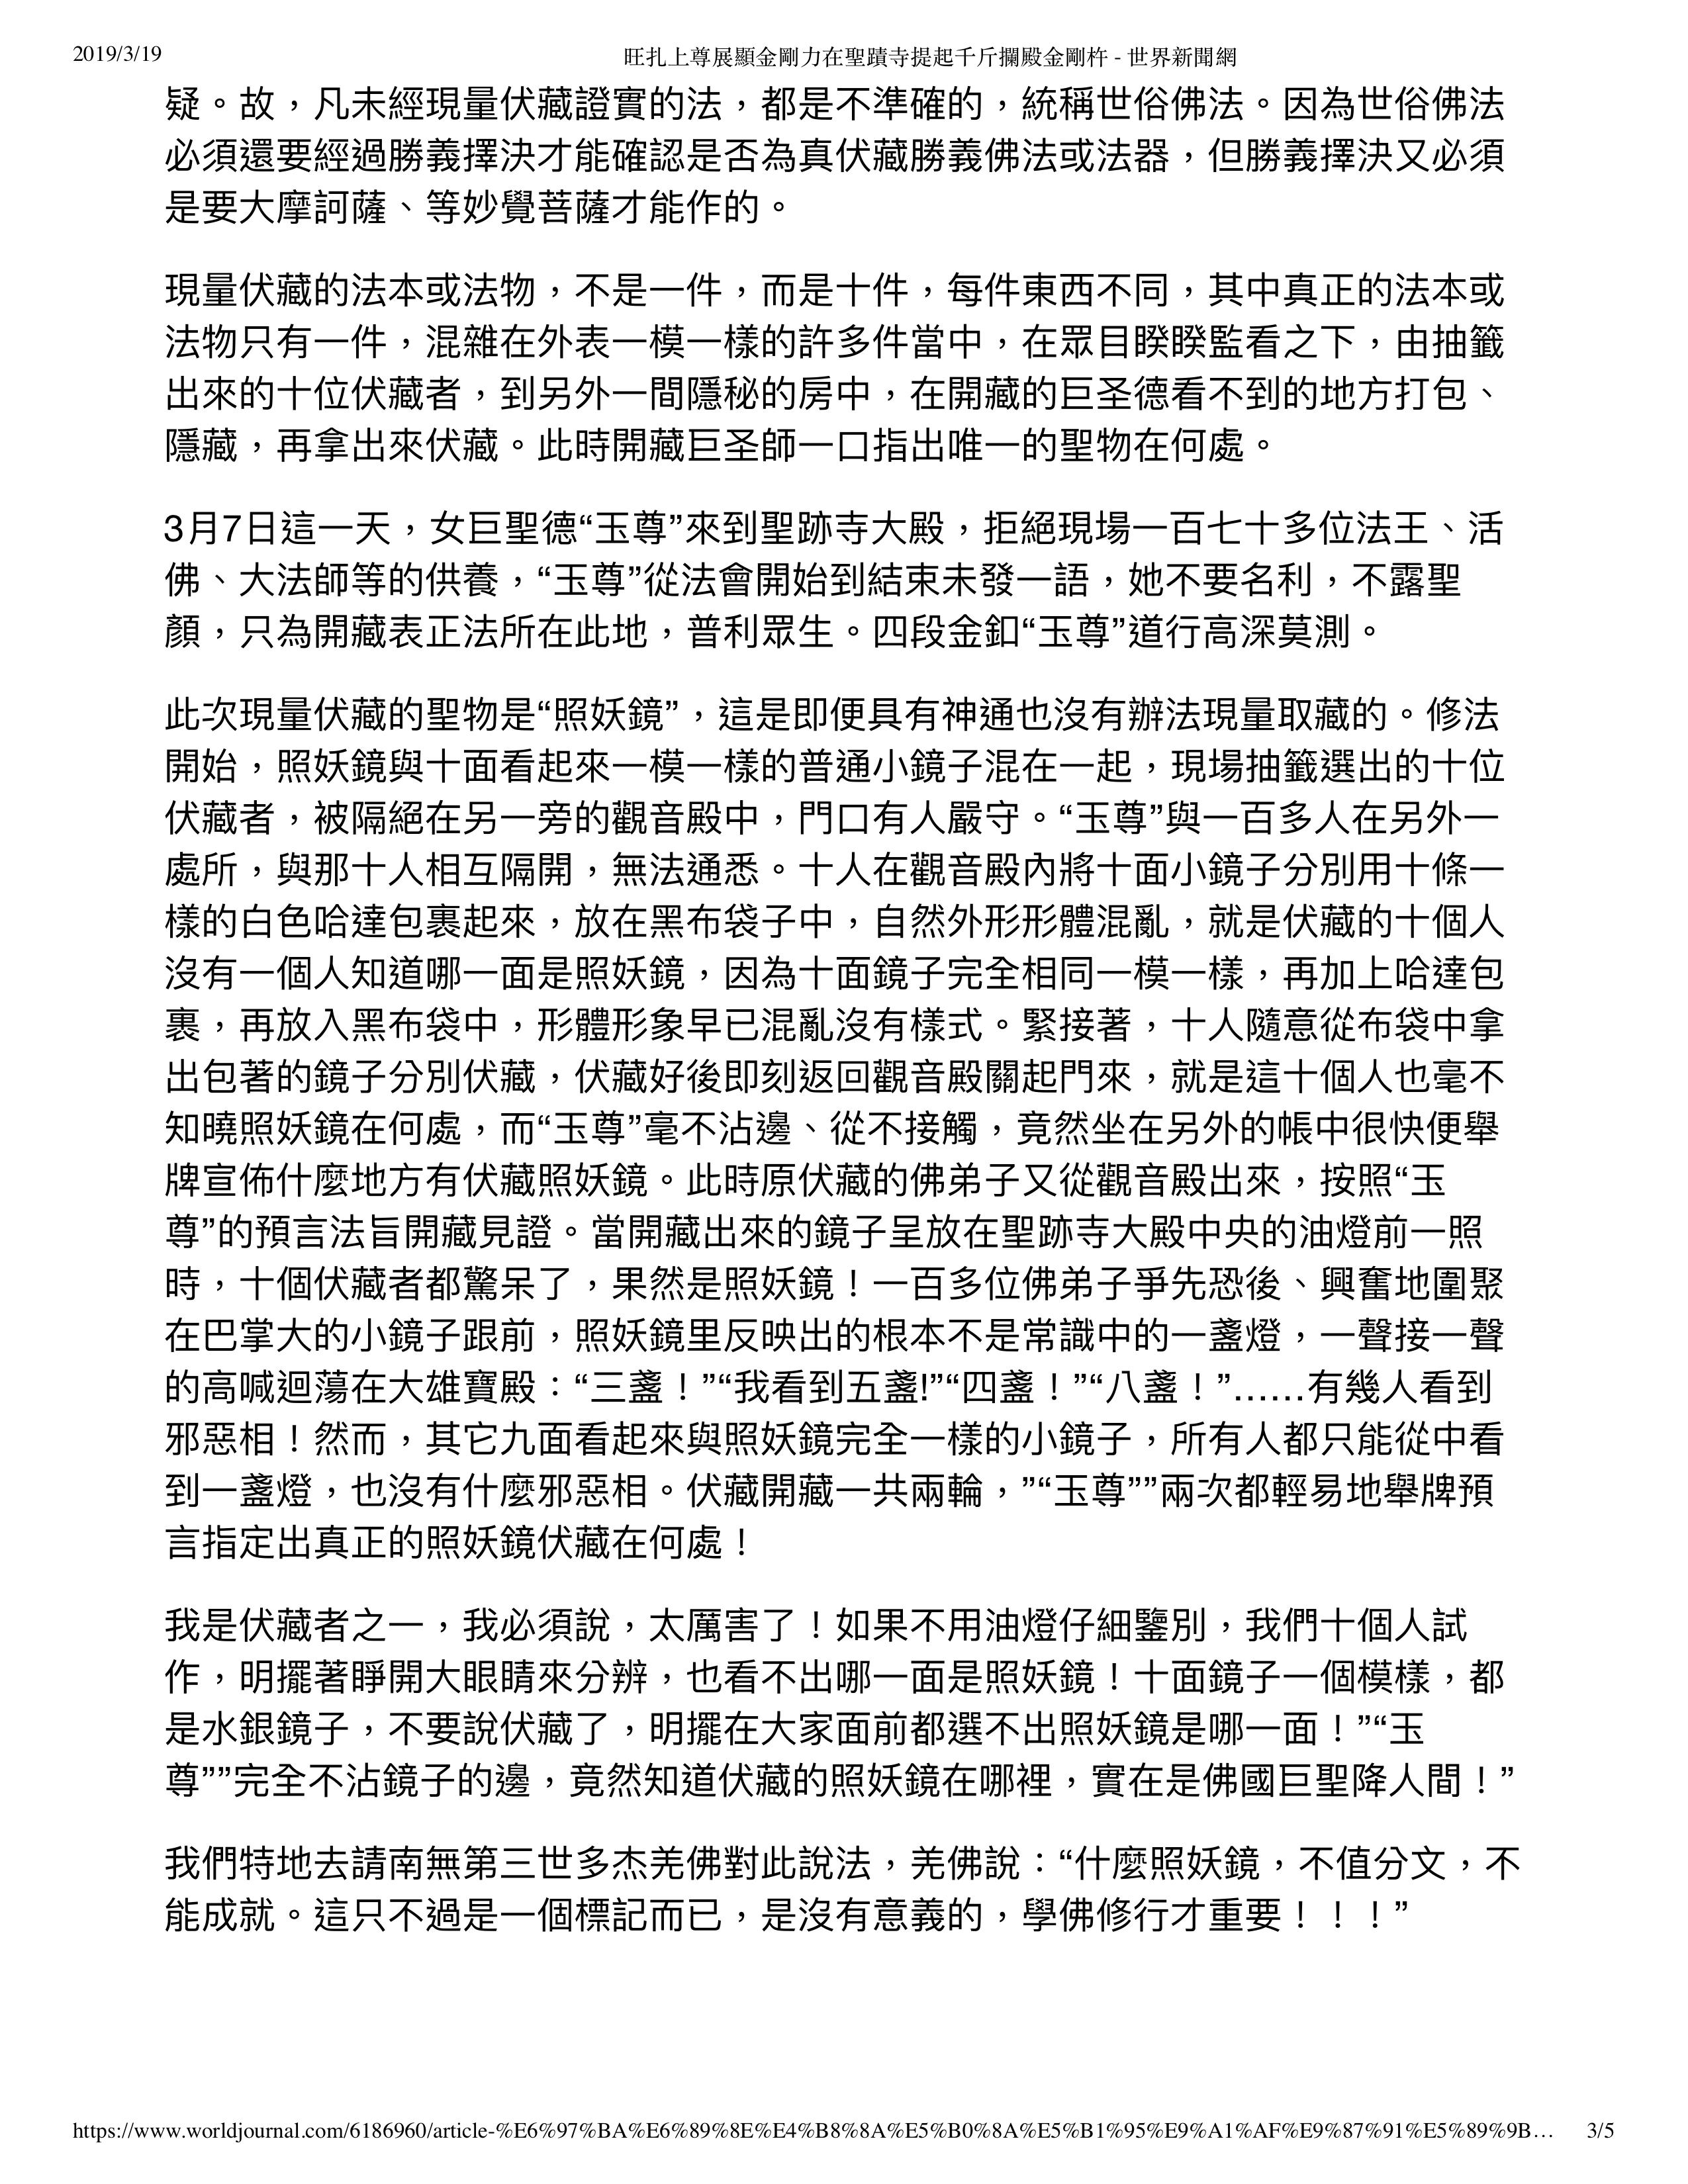 (世界日報)旺扎上尊展顯金剛力在聖蹟寺提起千斤攔殿金剛杵 – 有神通也開不了現量伏藏